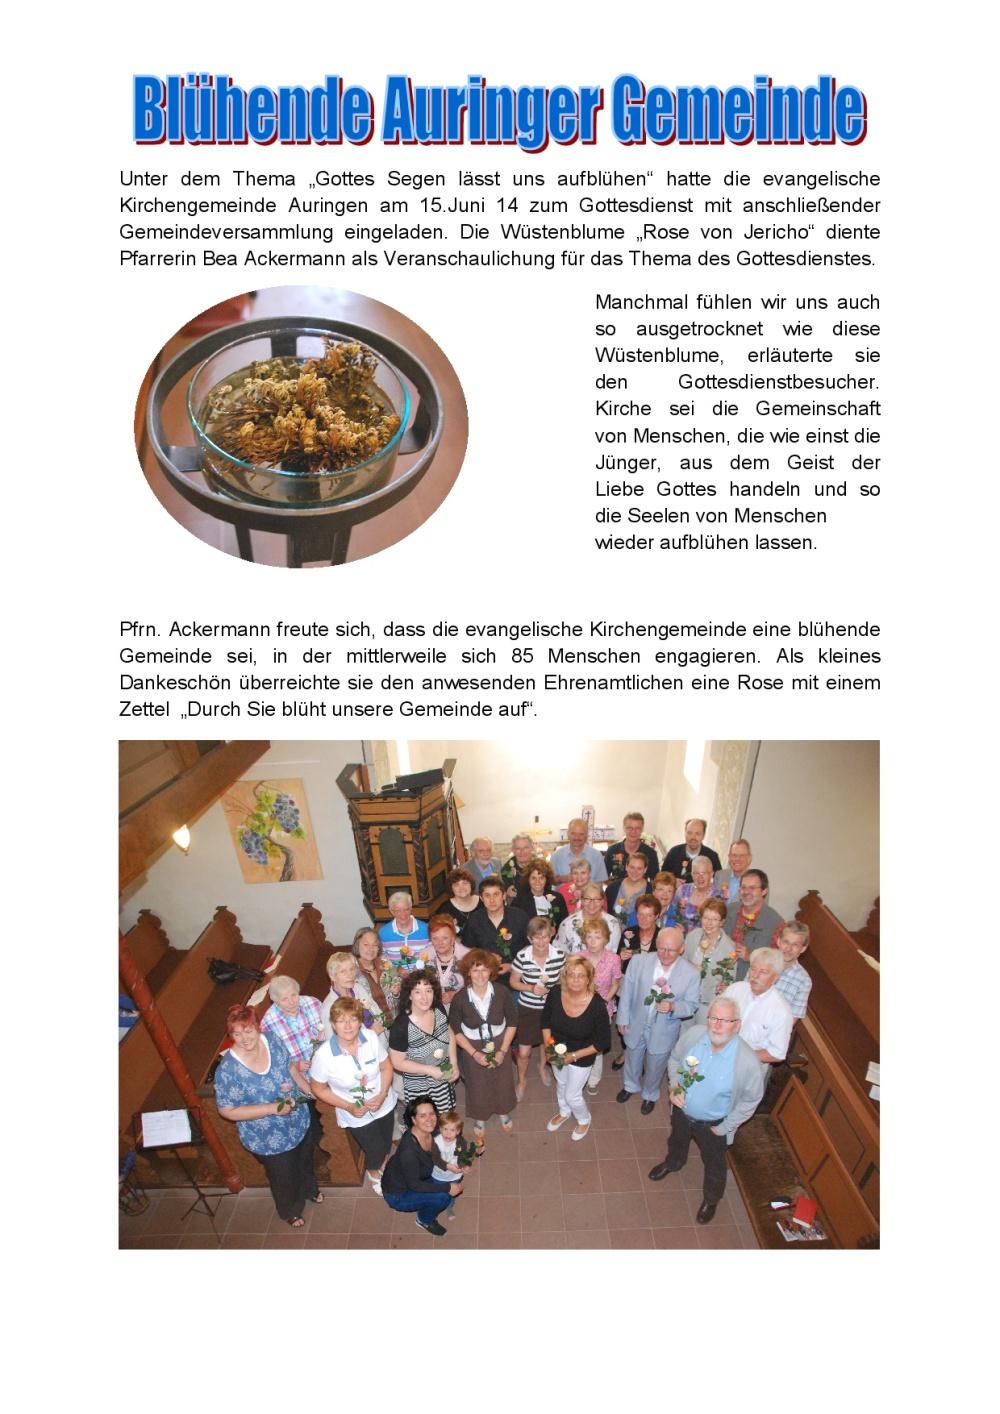 17-Godi+Gemeindevers.+Mitarbeiterfest 15.06.14-001